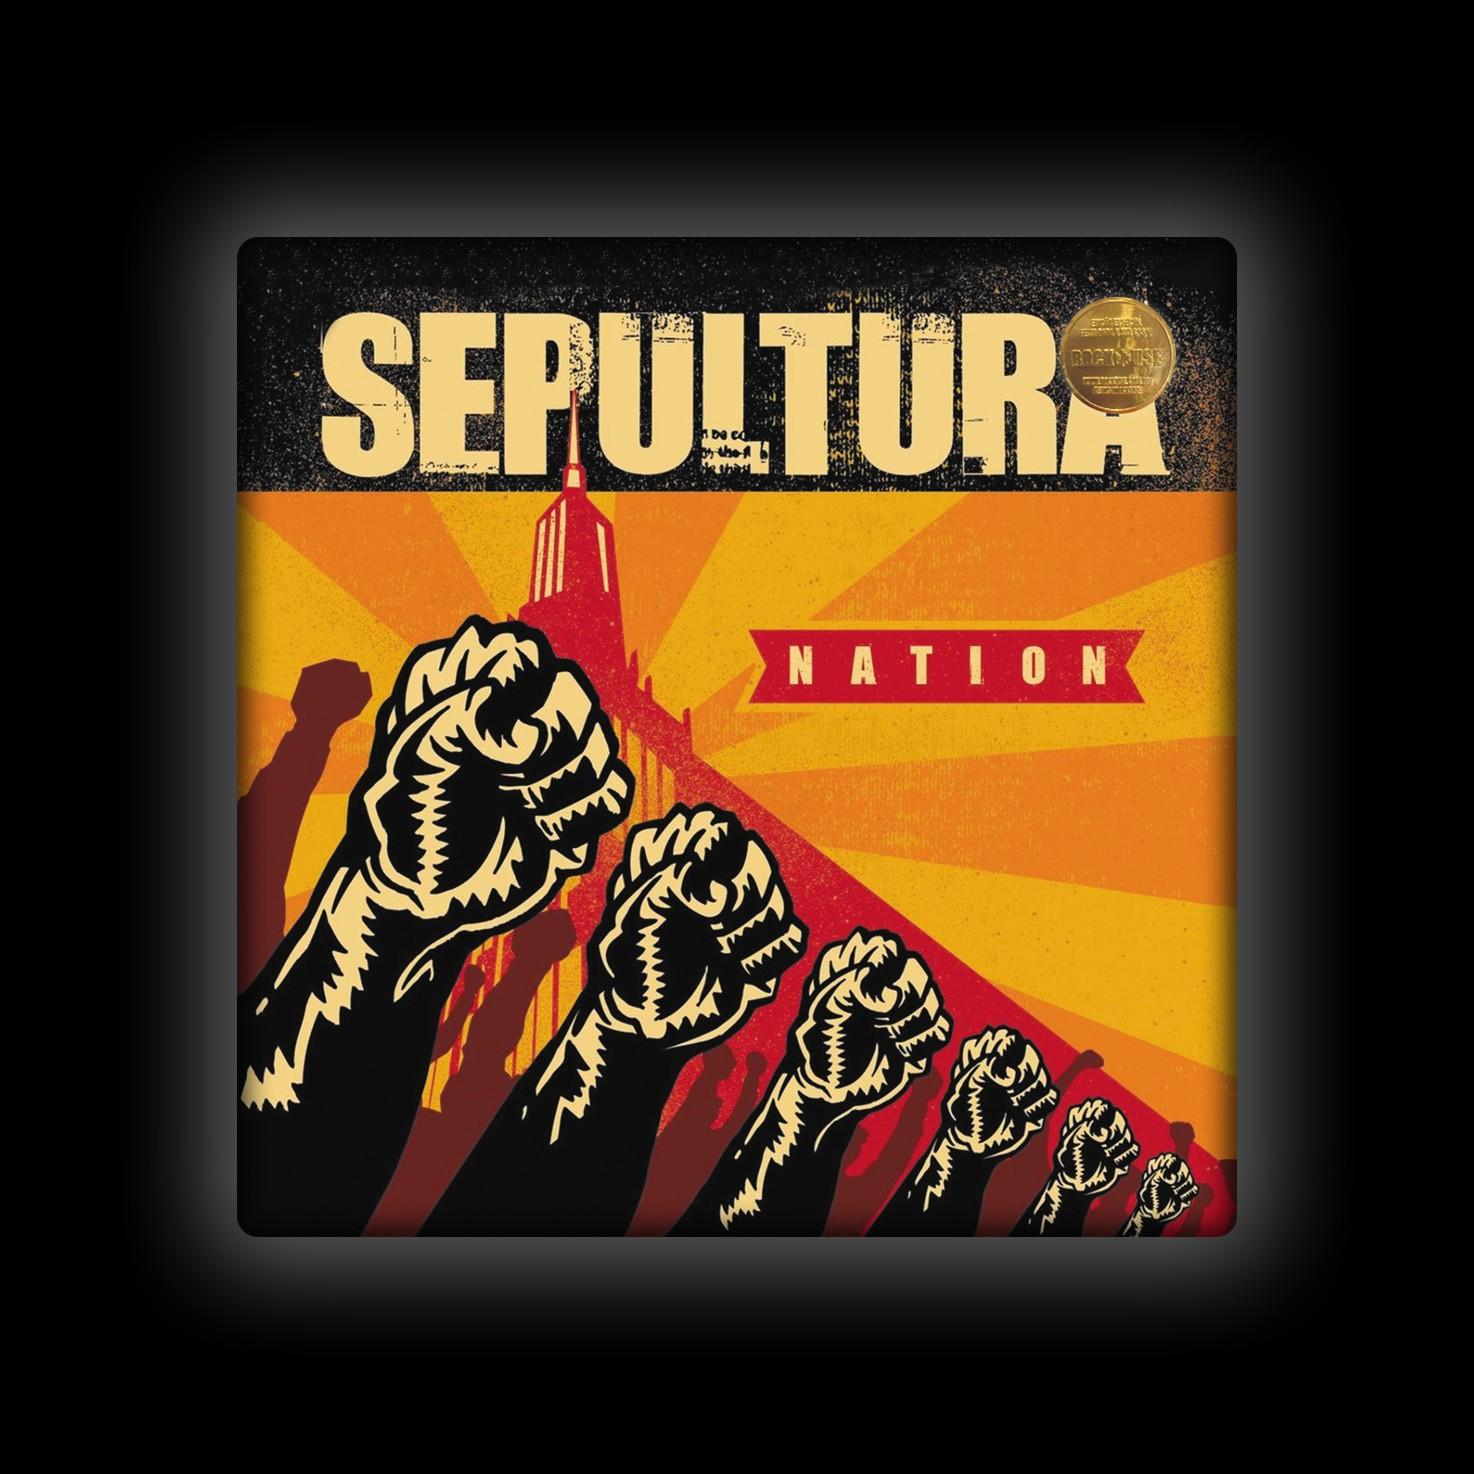 Capa de Almofada Sepultura - Nation